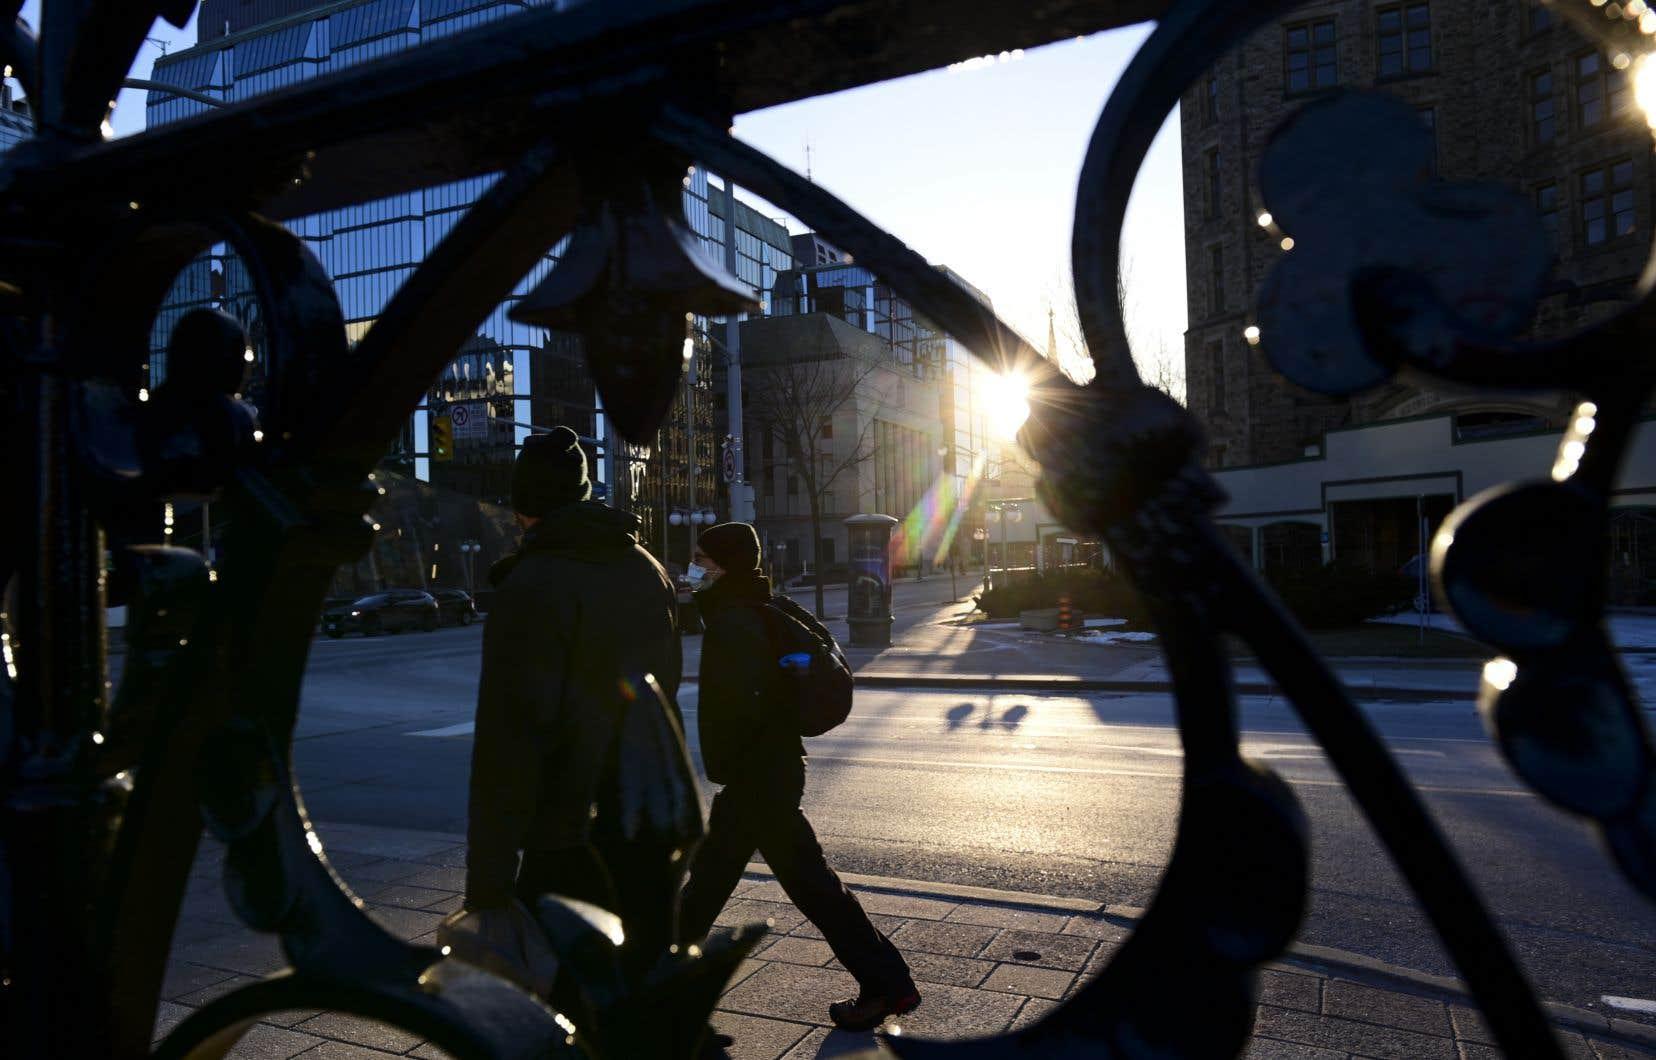 Les déficits budgétaires de l'ensemble des gouvernements du Canada sont désormais estimés à l'équivalent de 20% du produit intérieur brut pour la seule année dernière.